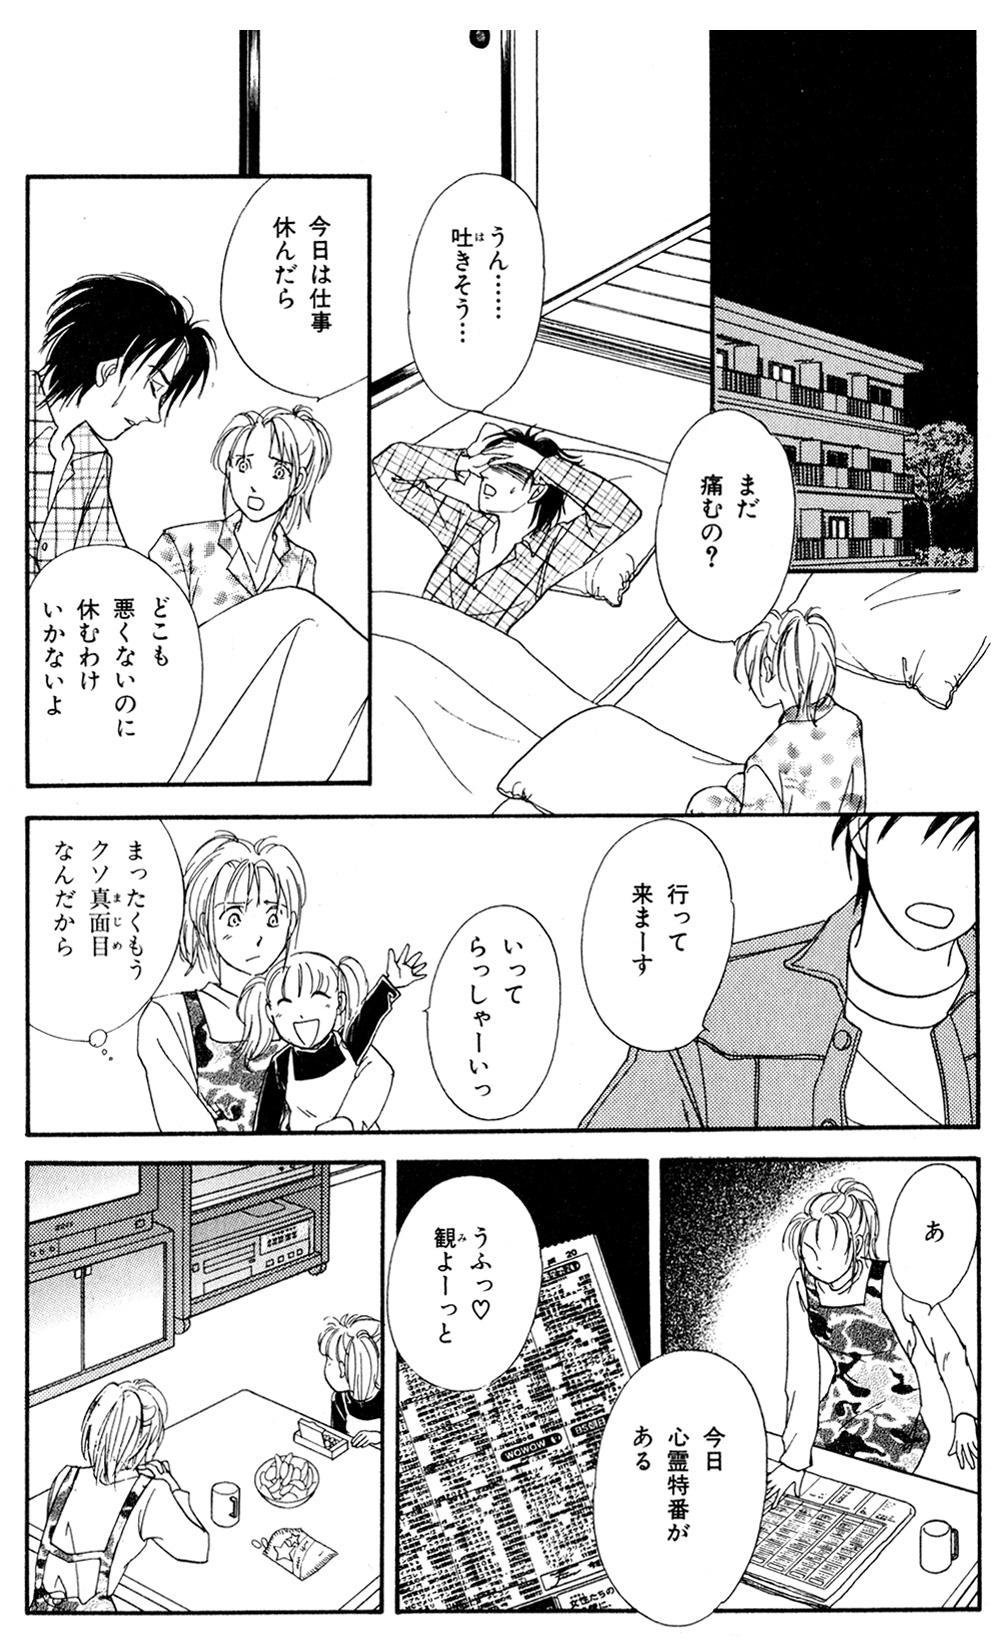 魔百合の恐怖報告 「災いを呼ぶ老婆」①rouba01-17.jpg